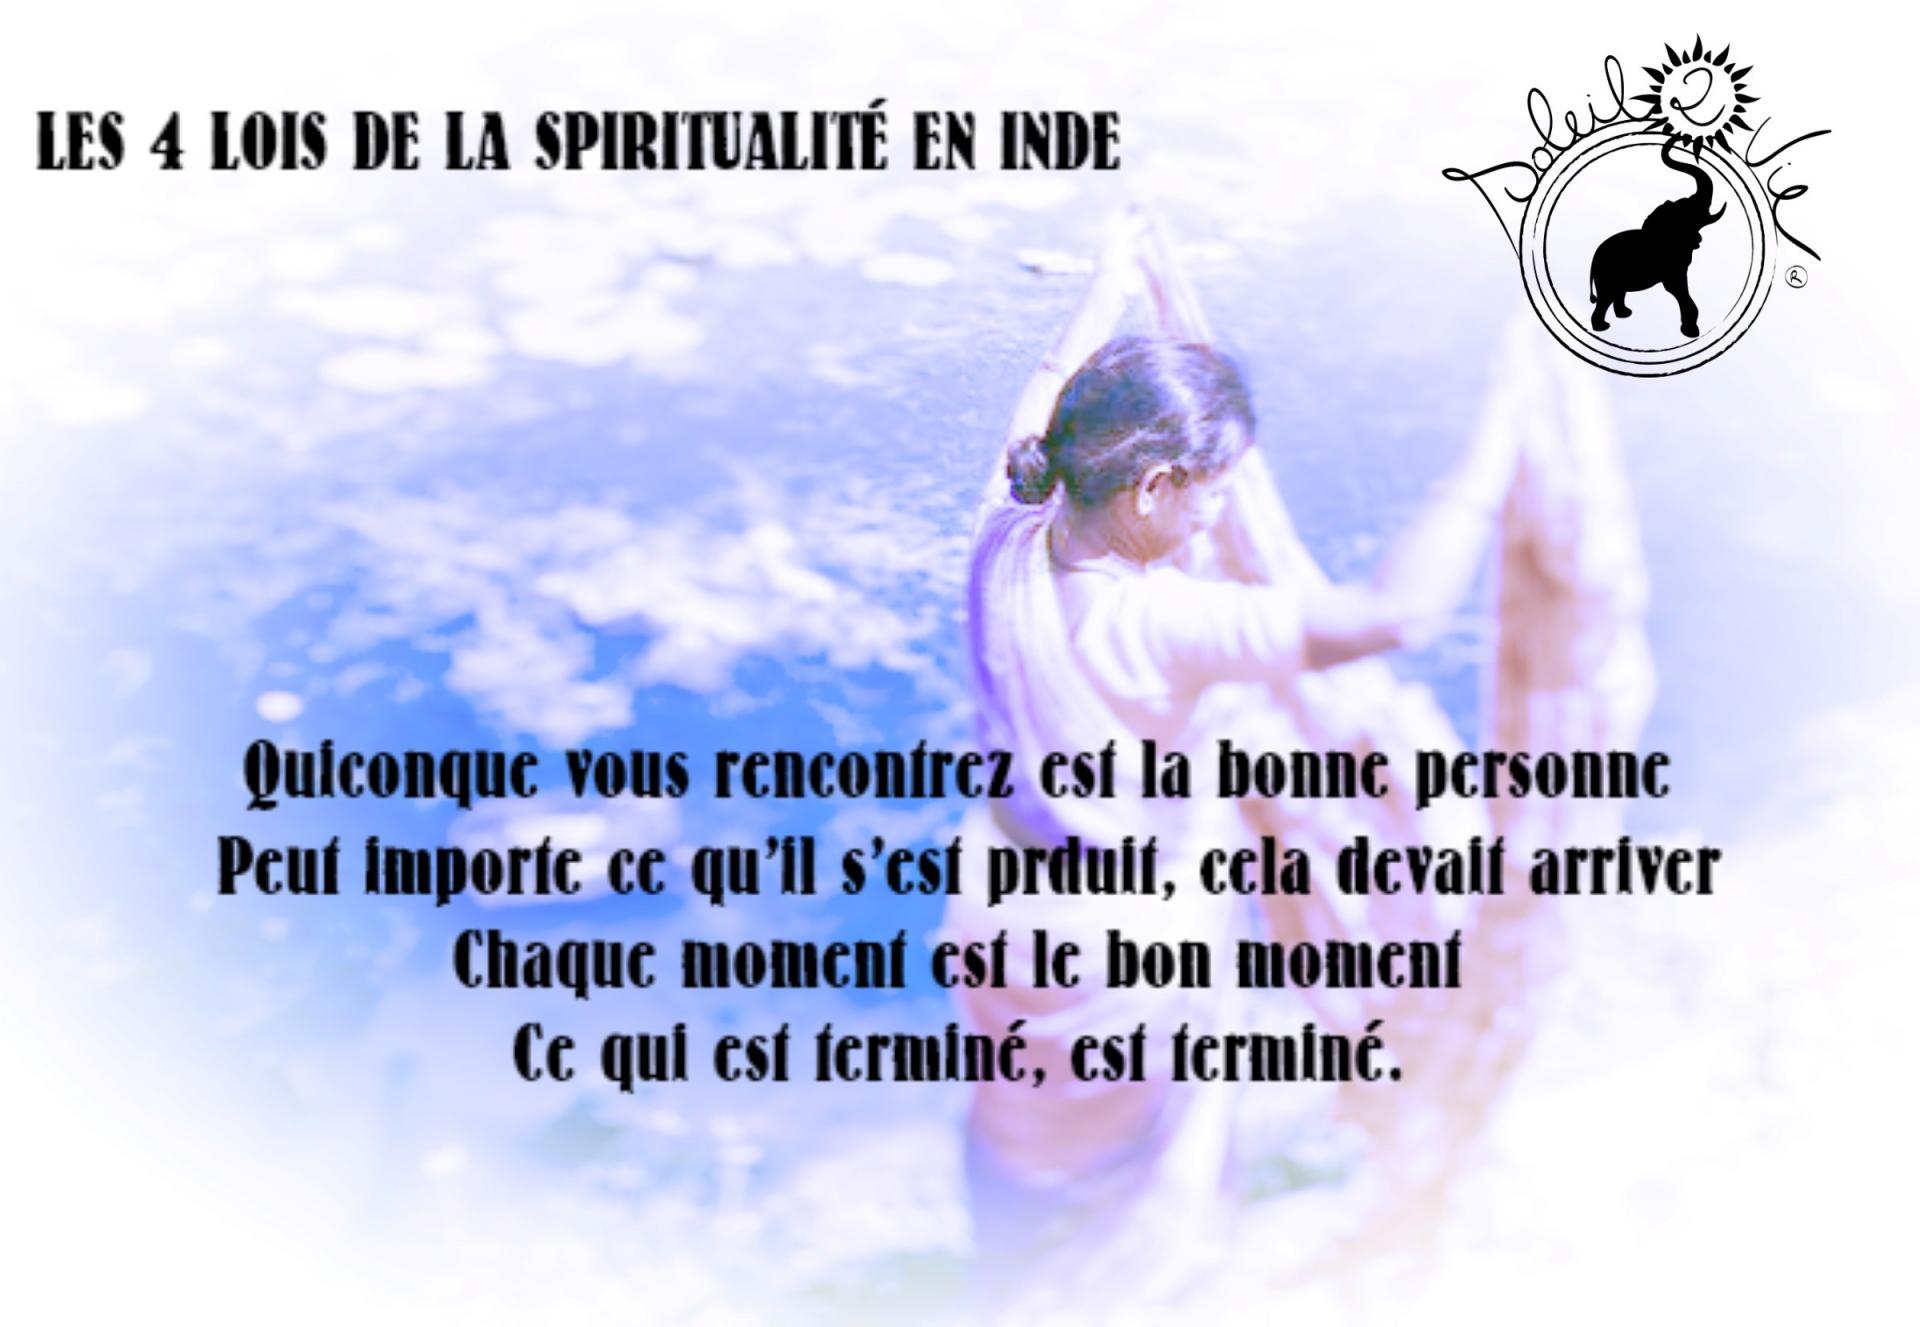 Les 4 loi de la spiritualité en Inde - Soleil2vie